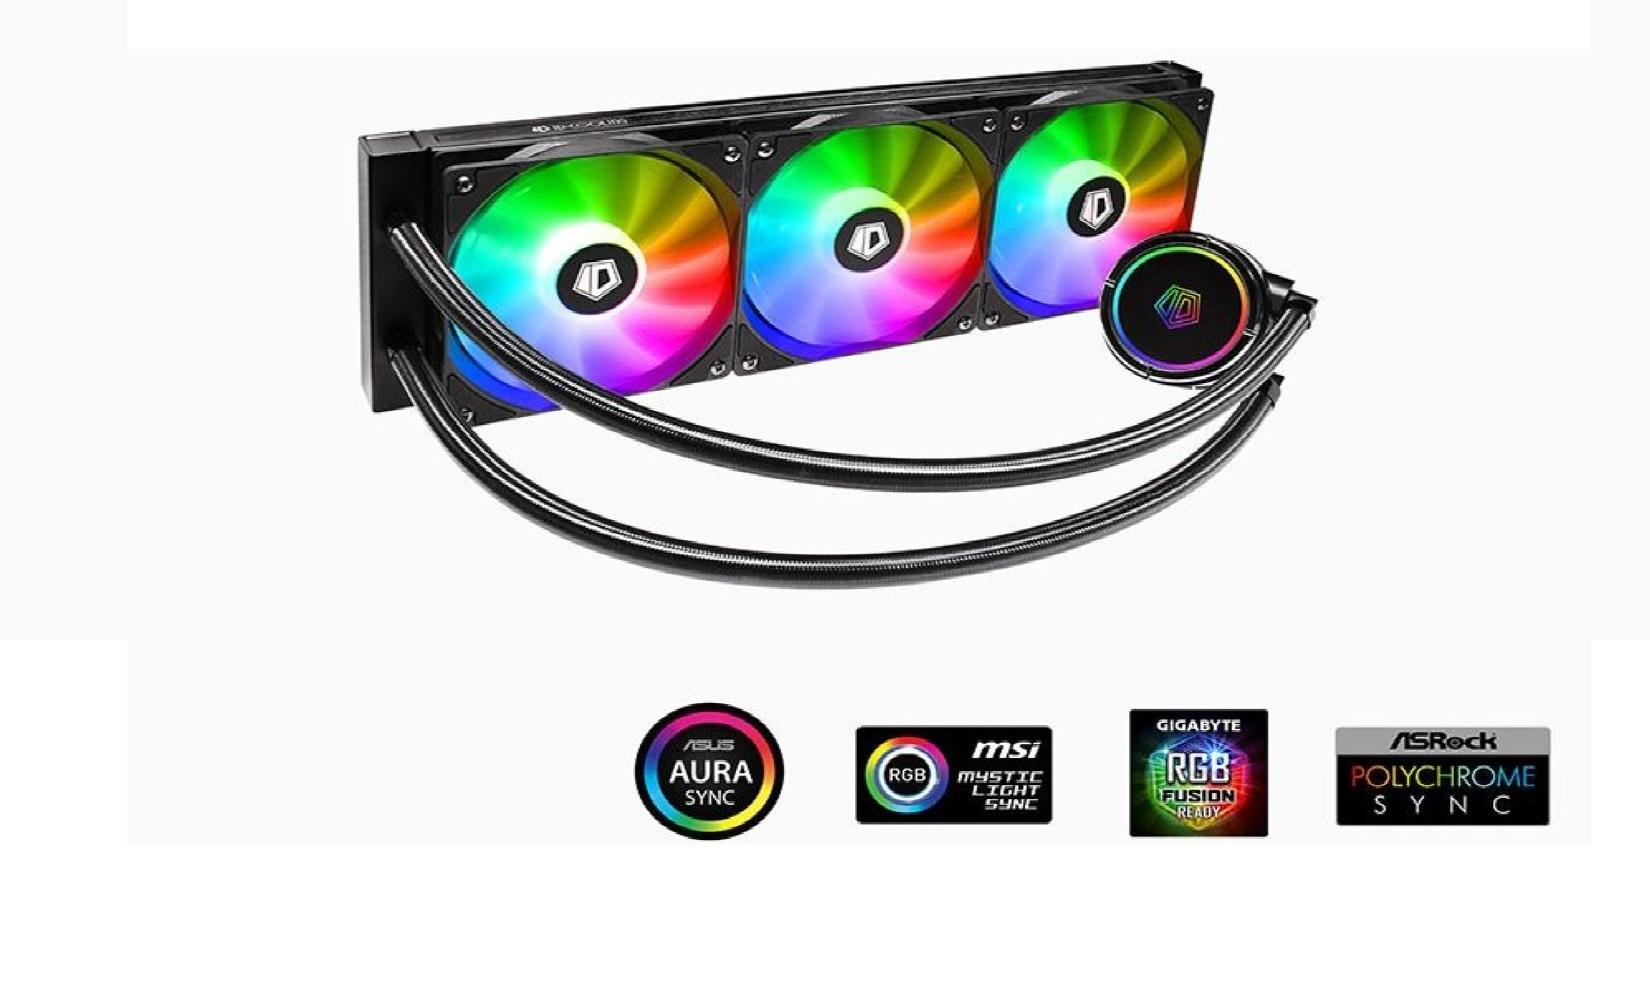 Tản Nhiệt Nước ID-COOLING ZOOMFLOW 360X ARGB trang bị đèn led ARGB trên cả phần quạt và bơm, đem lại hiệu ứng ánh sáng vô cùng bắt mắt